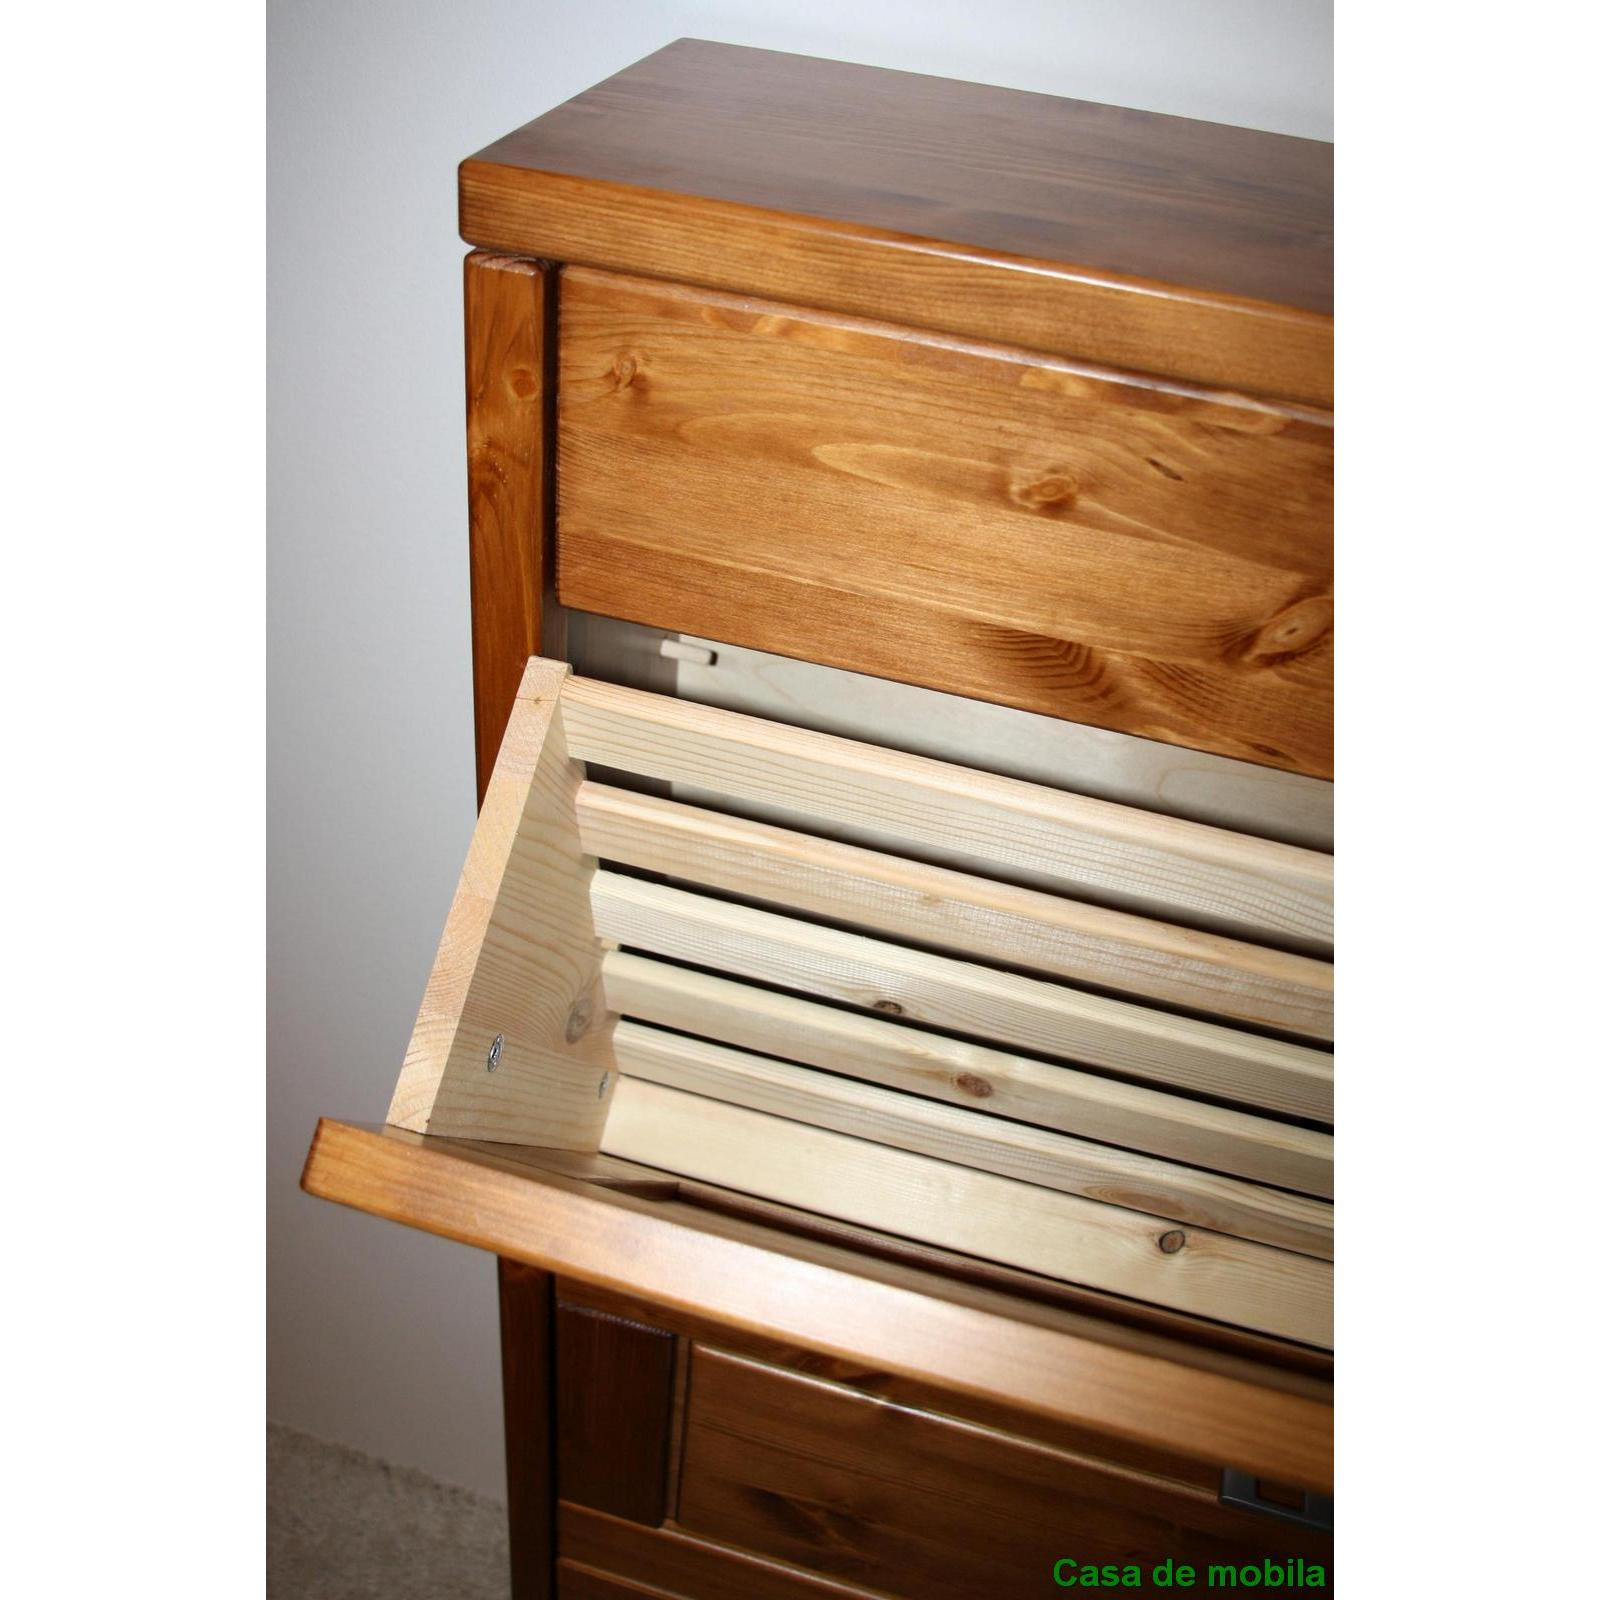 schuhschrank schuhkipper schuhkommode holz kiefer massiv. Black Bedroom Furniture Sets. Home Design Ideas